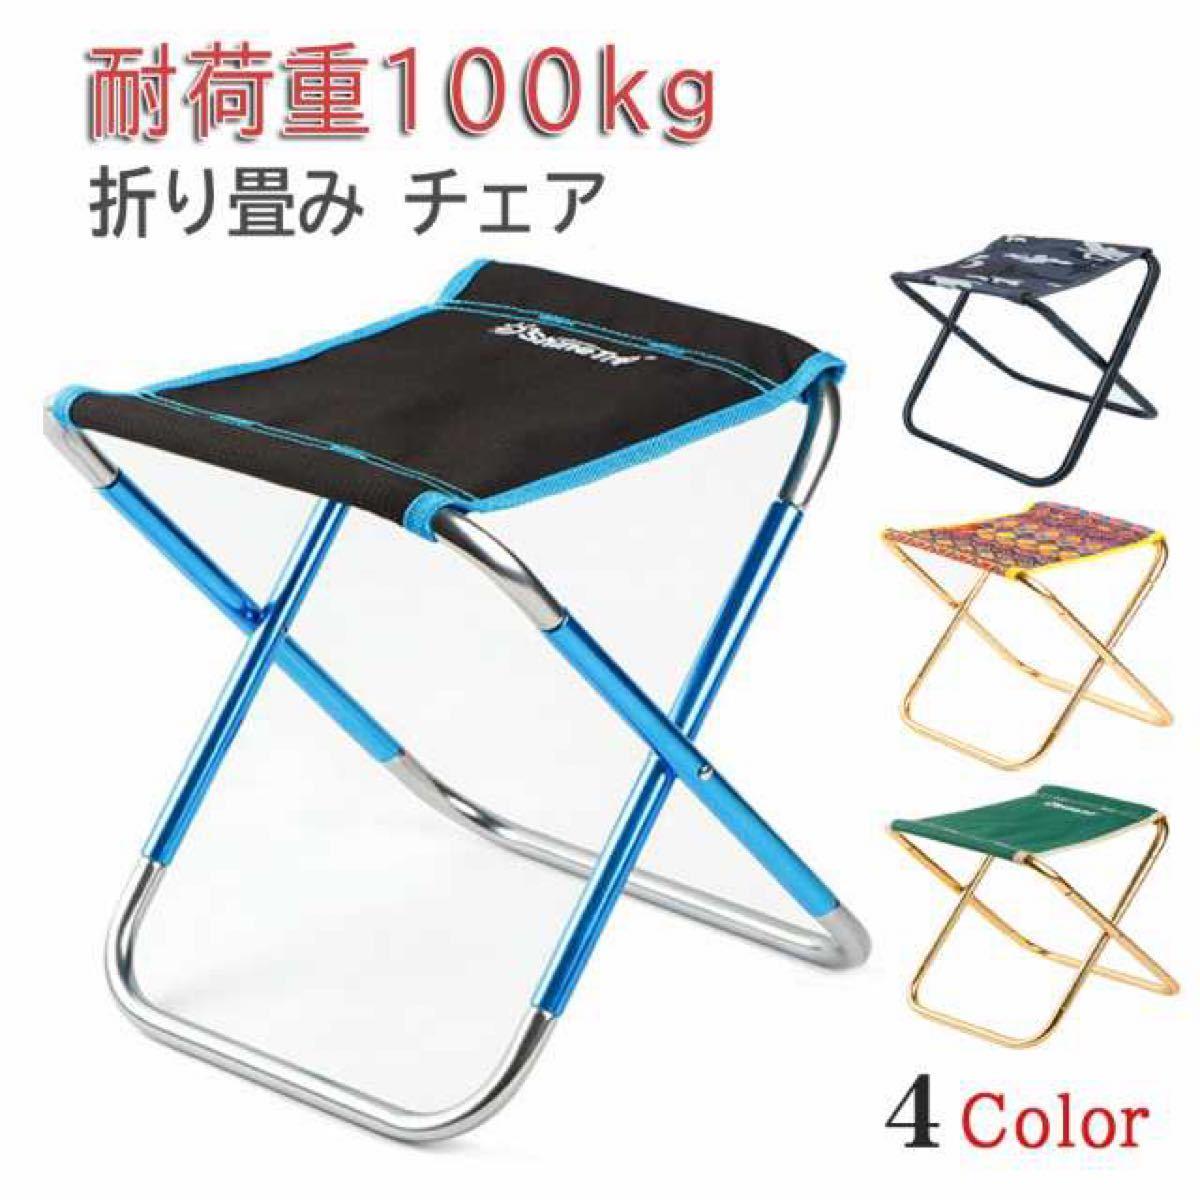 アウトドアチェア 折りたたみ椅子 超軽量 コンパクト 耐荷重 イス